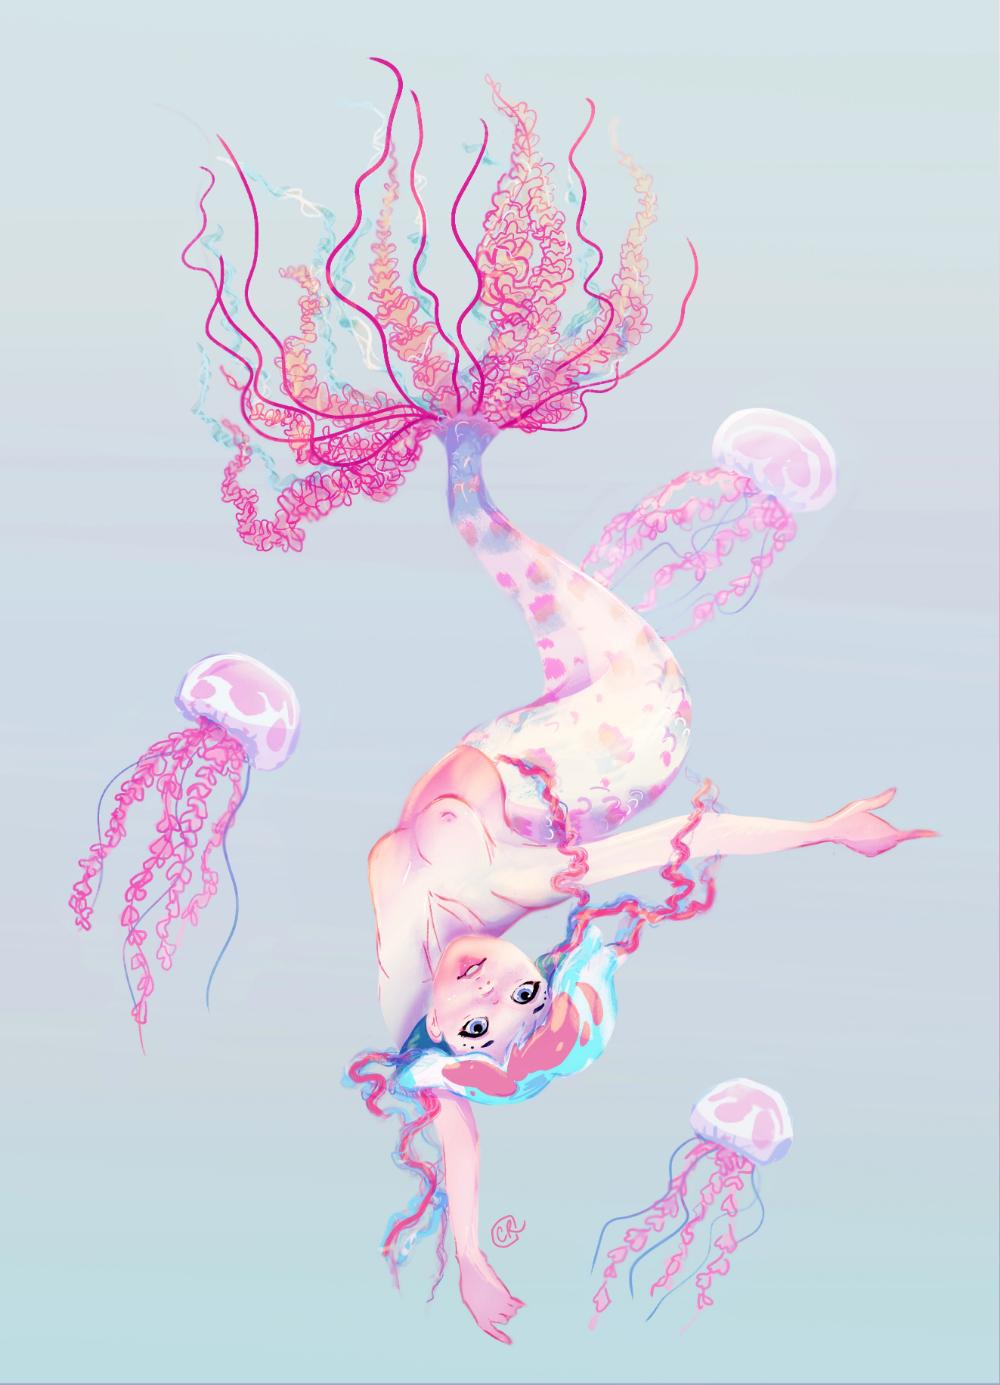 Photo of jelly_fish.jpg by Carla Romero